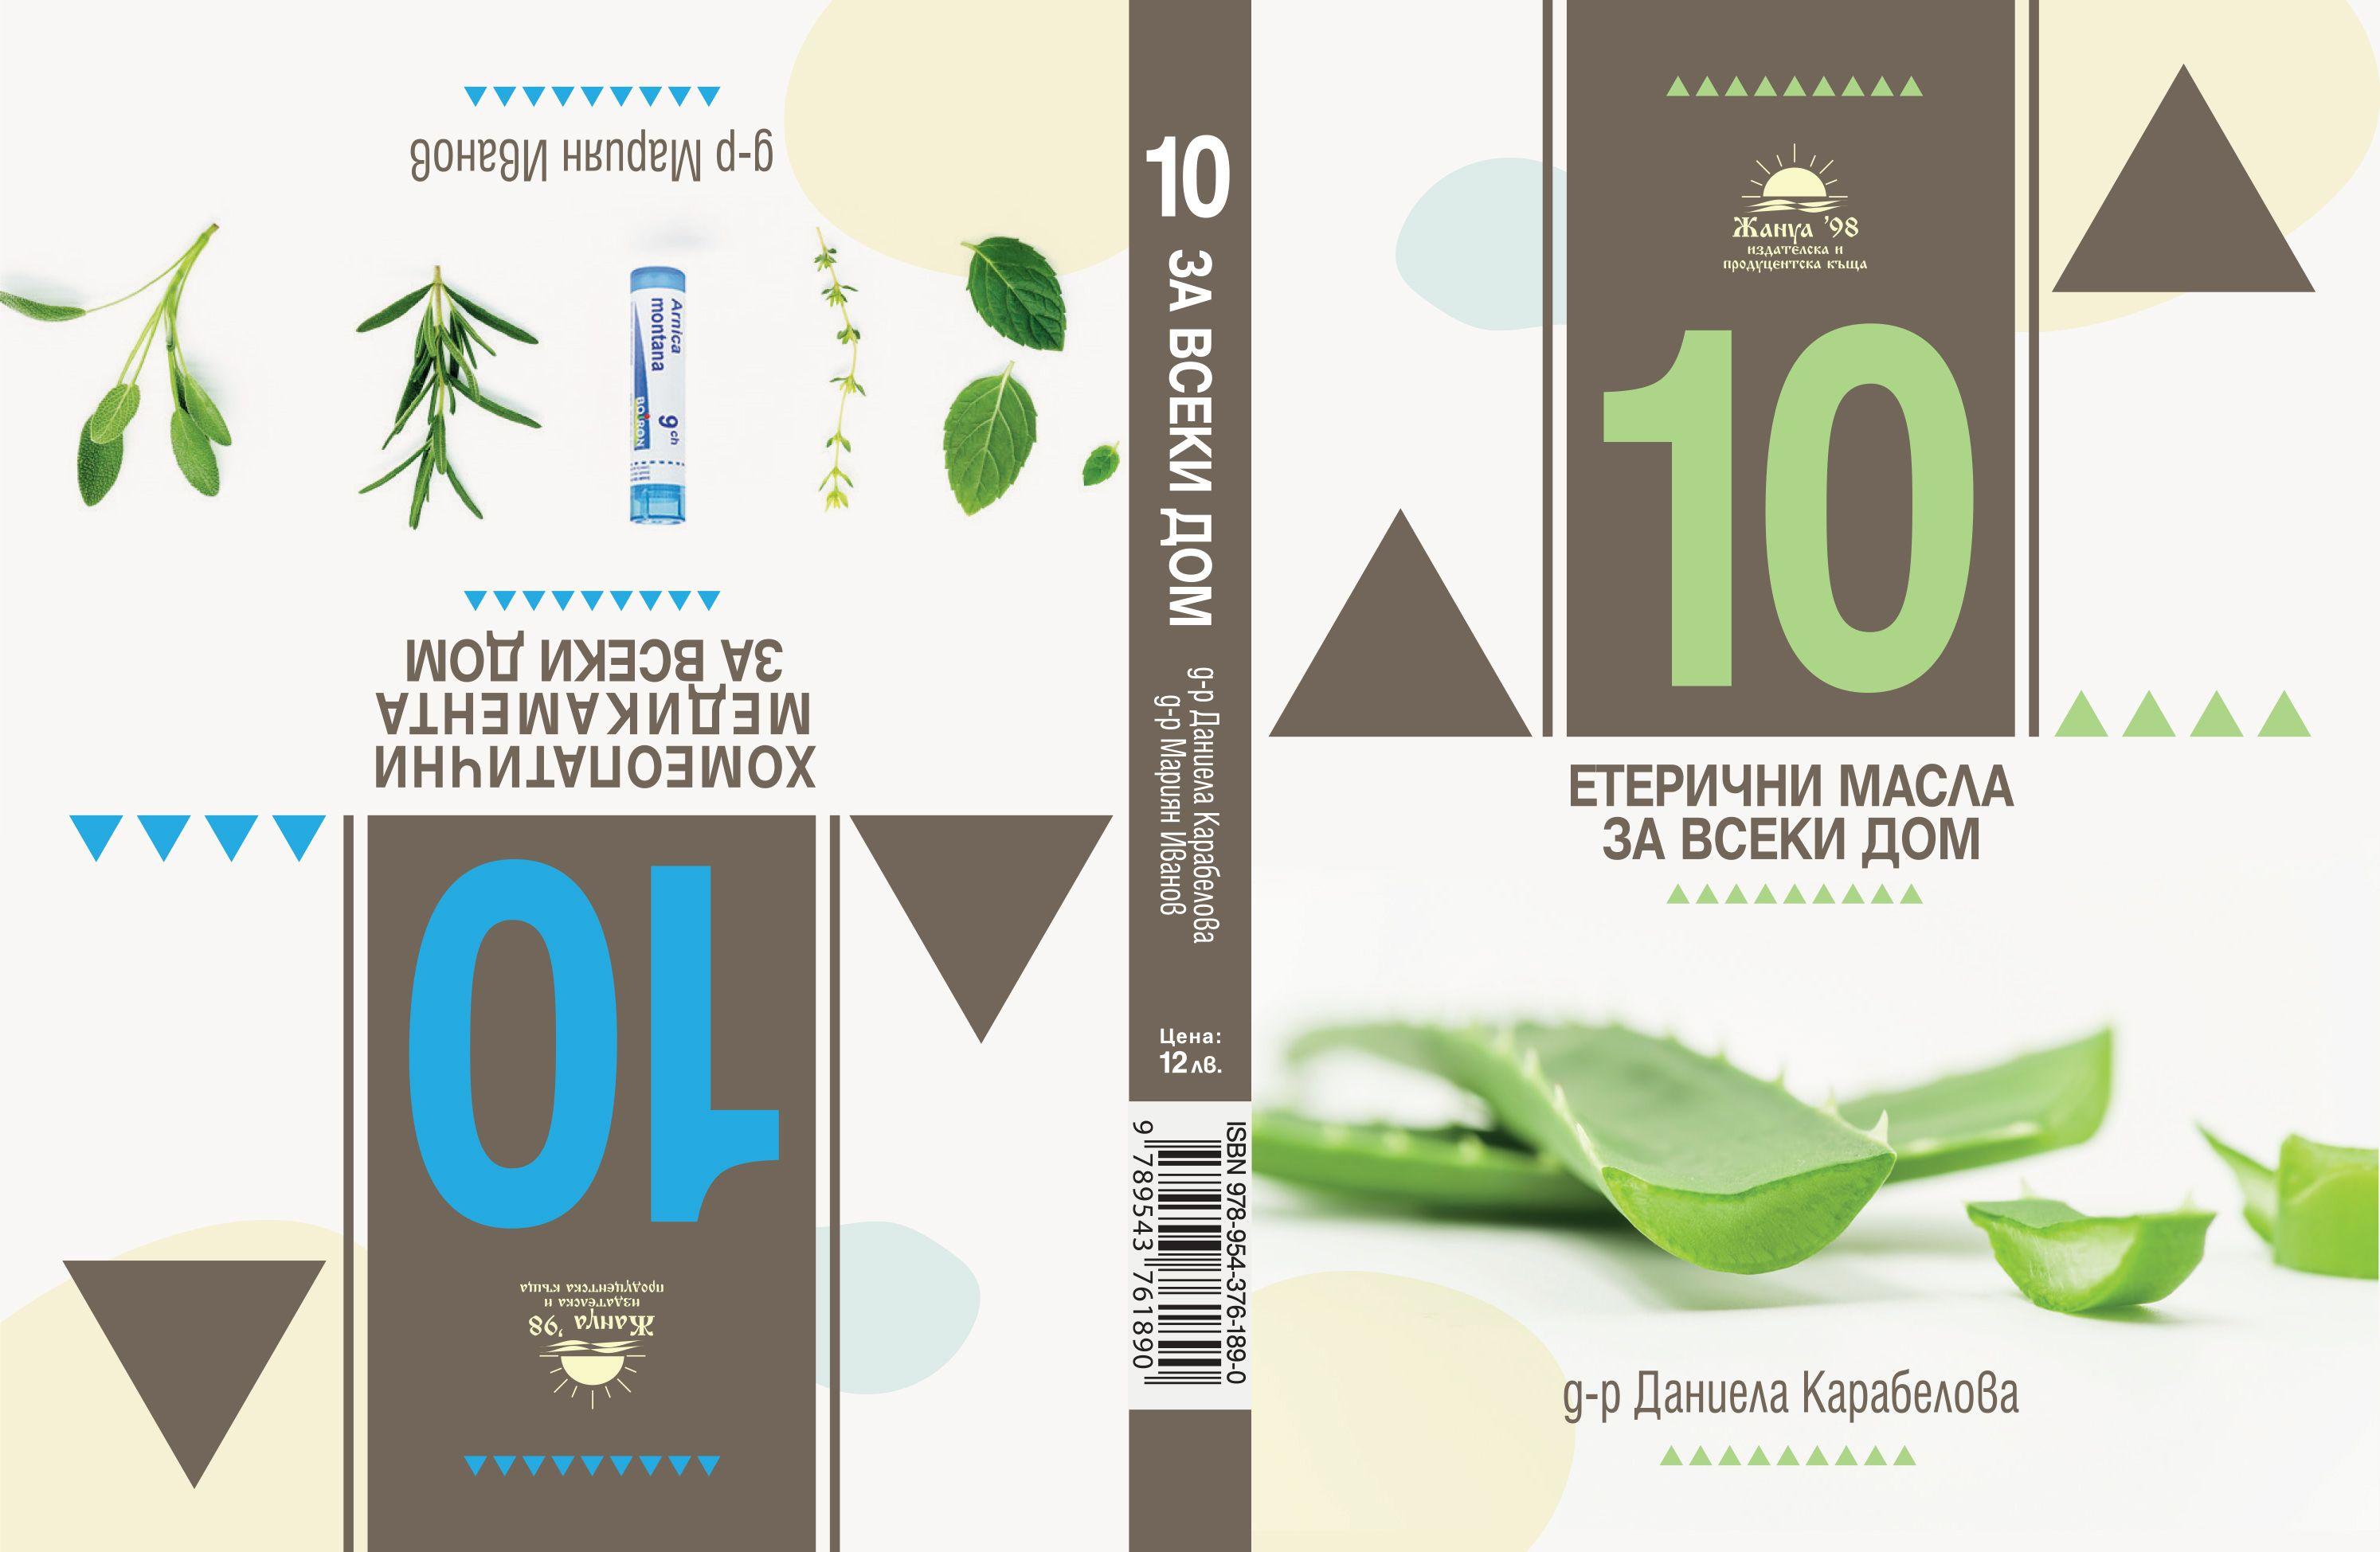 10 за всеки дом - хомеопатия и етерични масла - 3